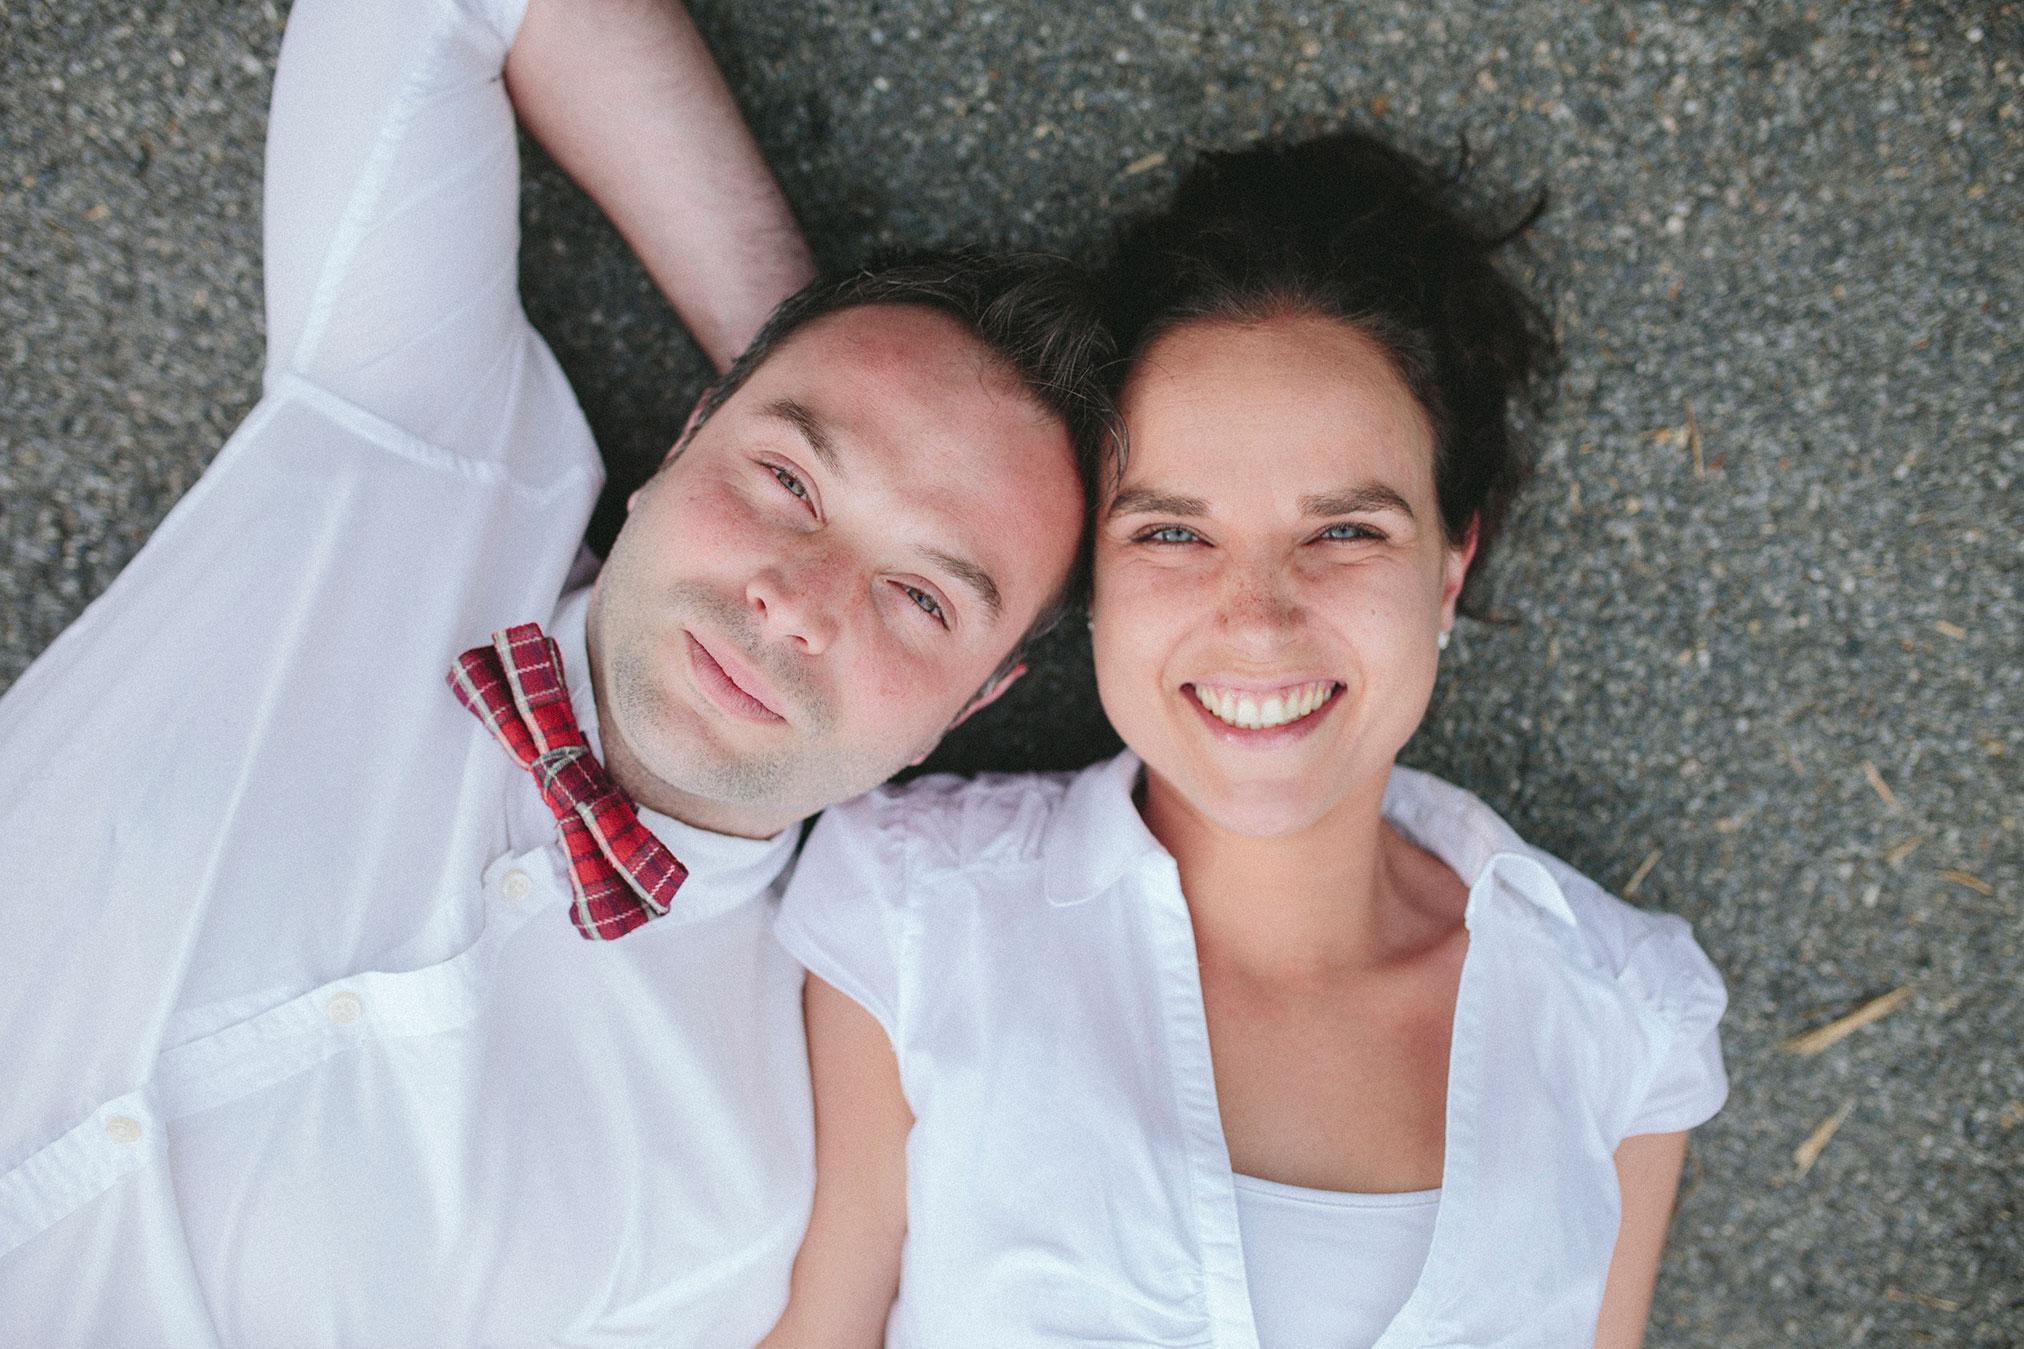 Couple Photographer Graciela Vilagudin Dublin Galicia 1392.jpg